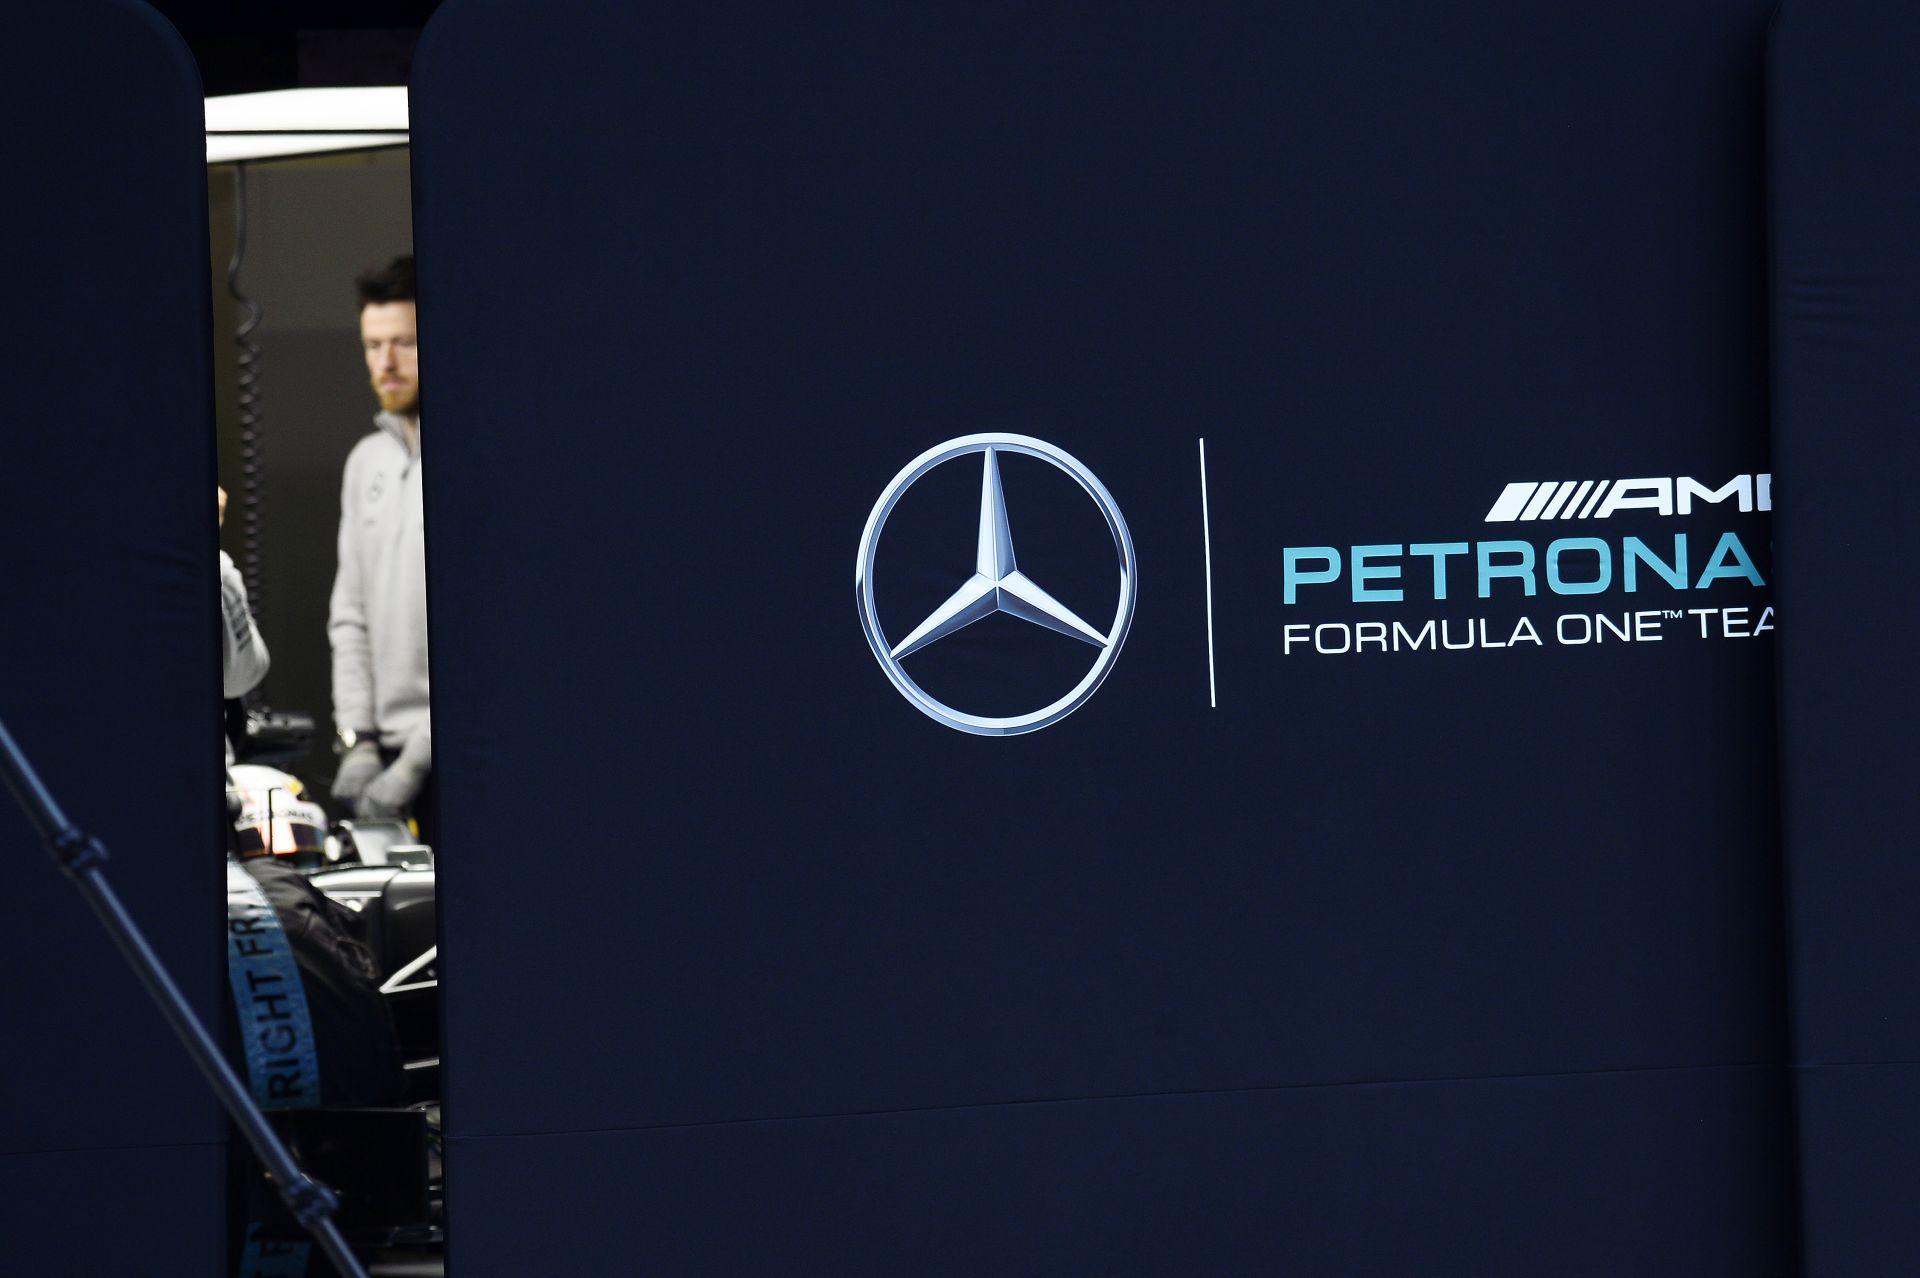 Lehet itt hype-olni a Mercedest, Hamiltont ez nem hatja meg